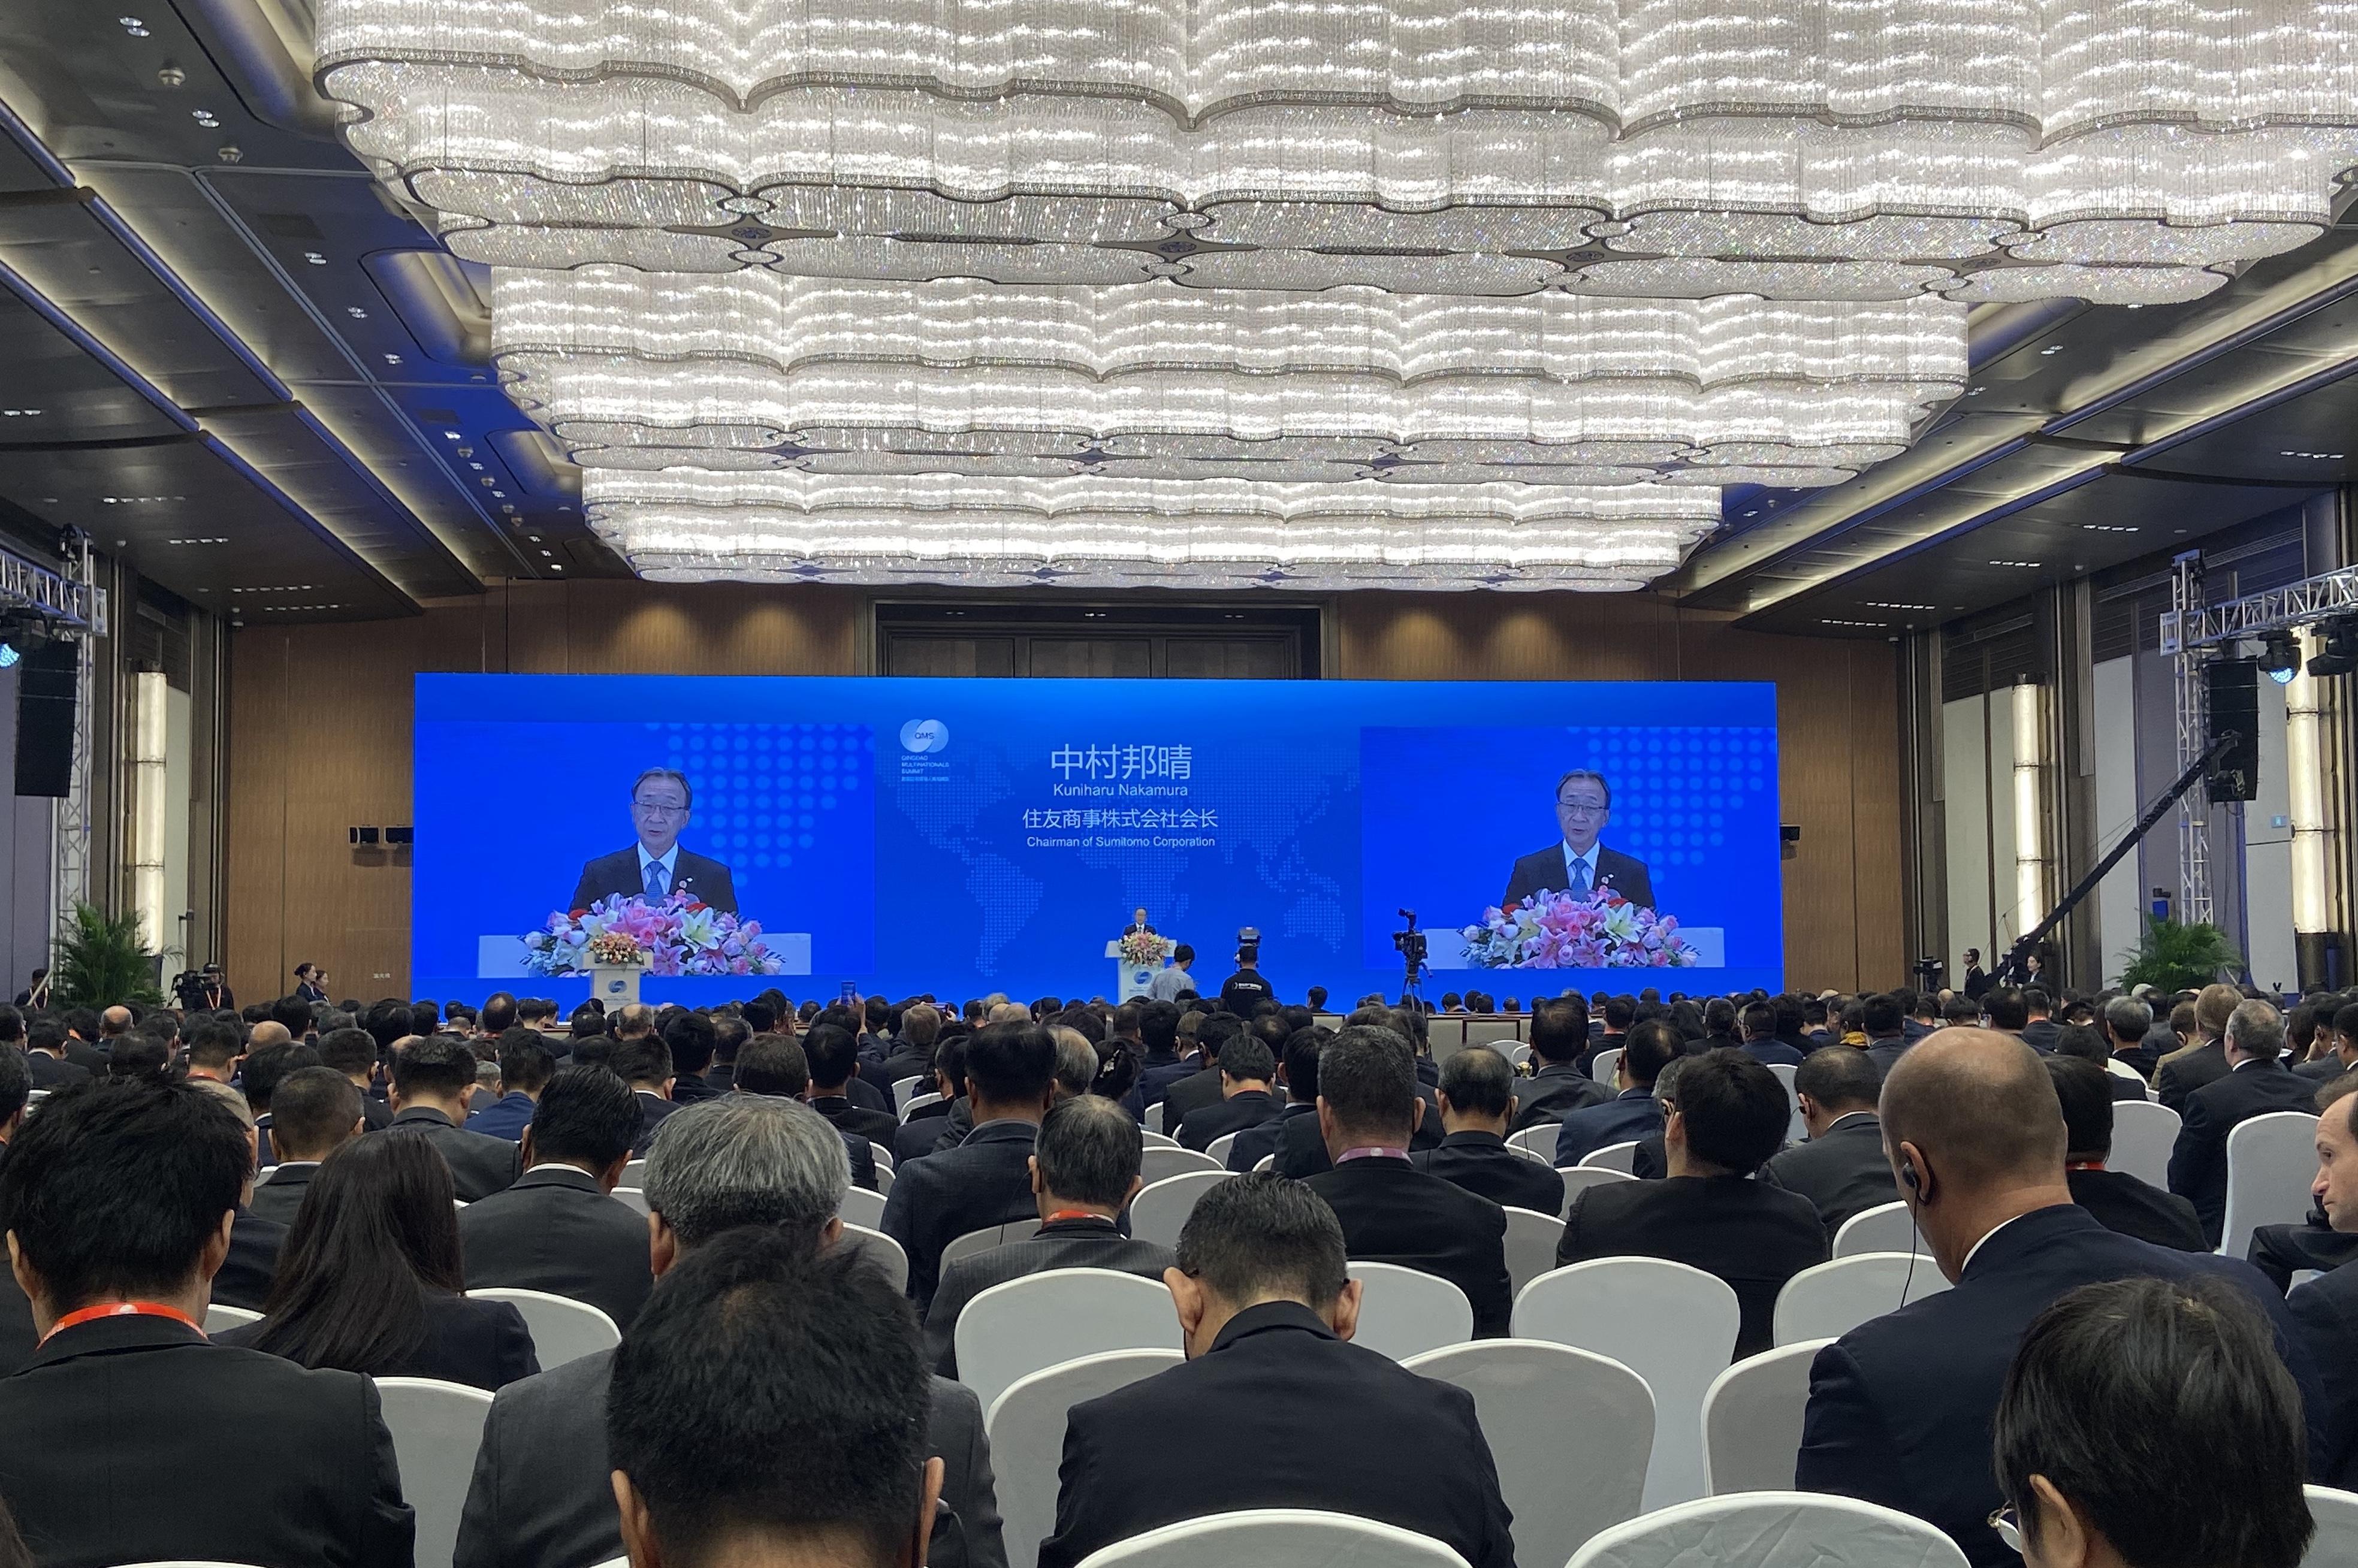 住友商事会长中村邦晴:开放的中国对世界经济发展具有重要意义